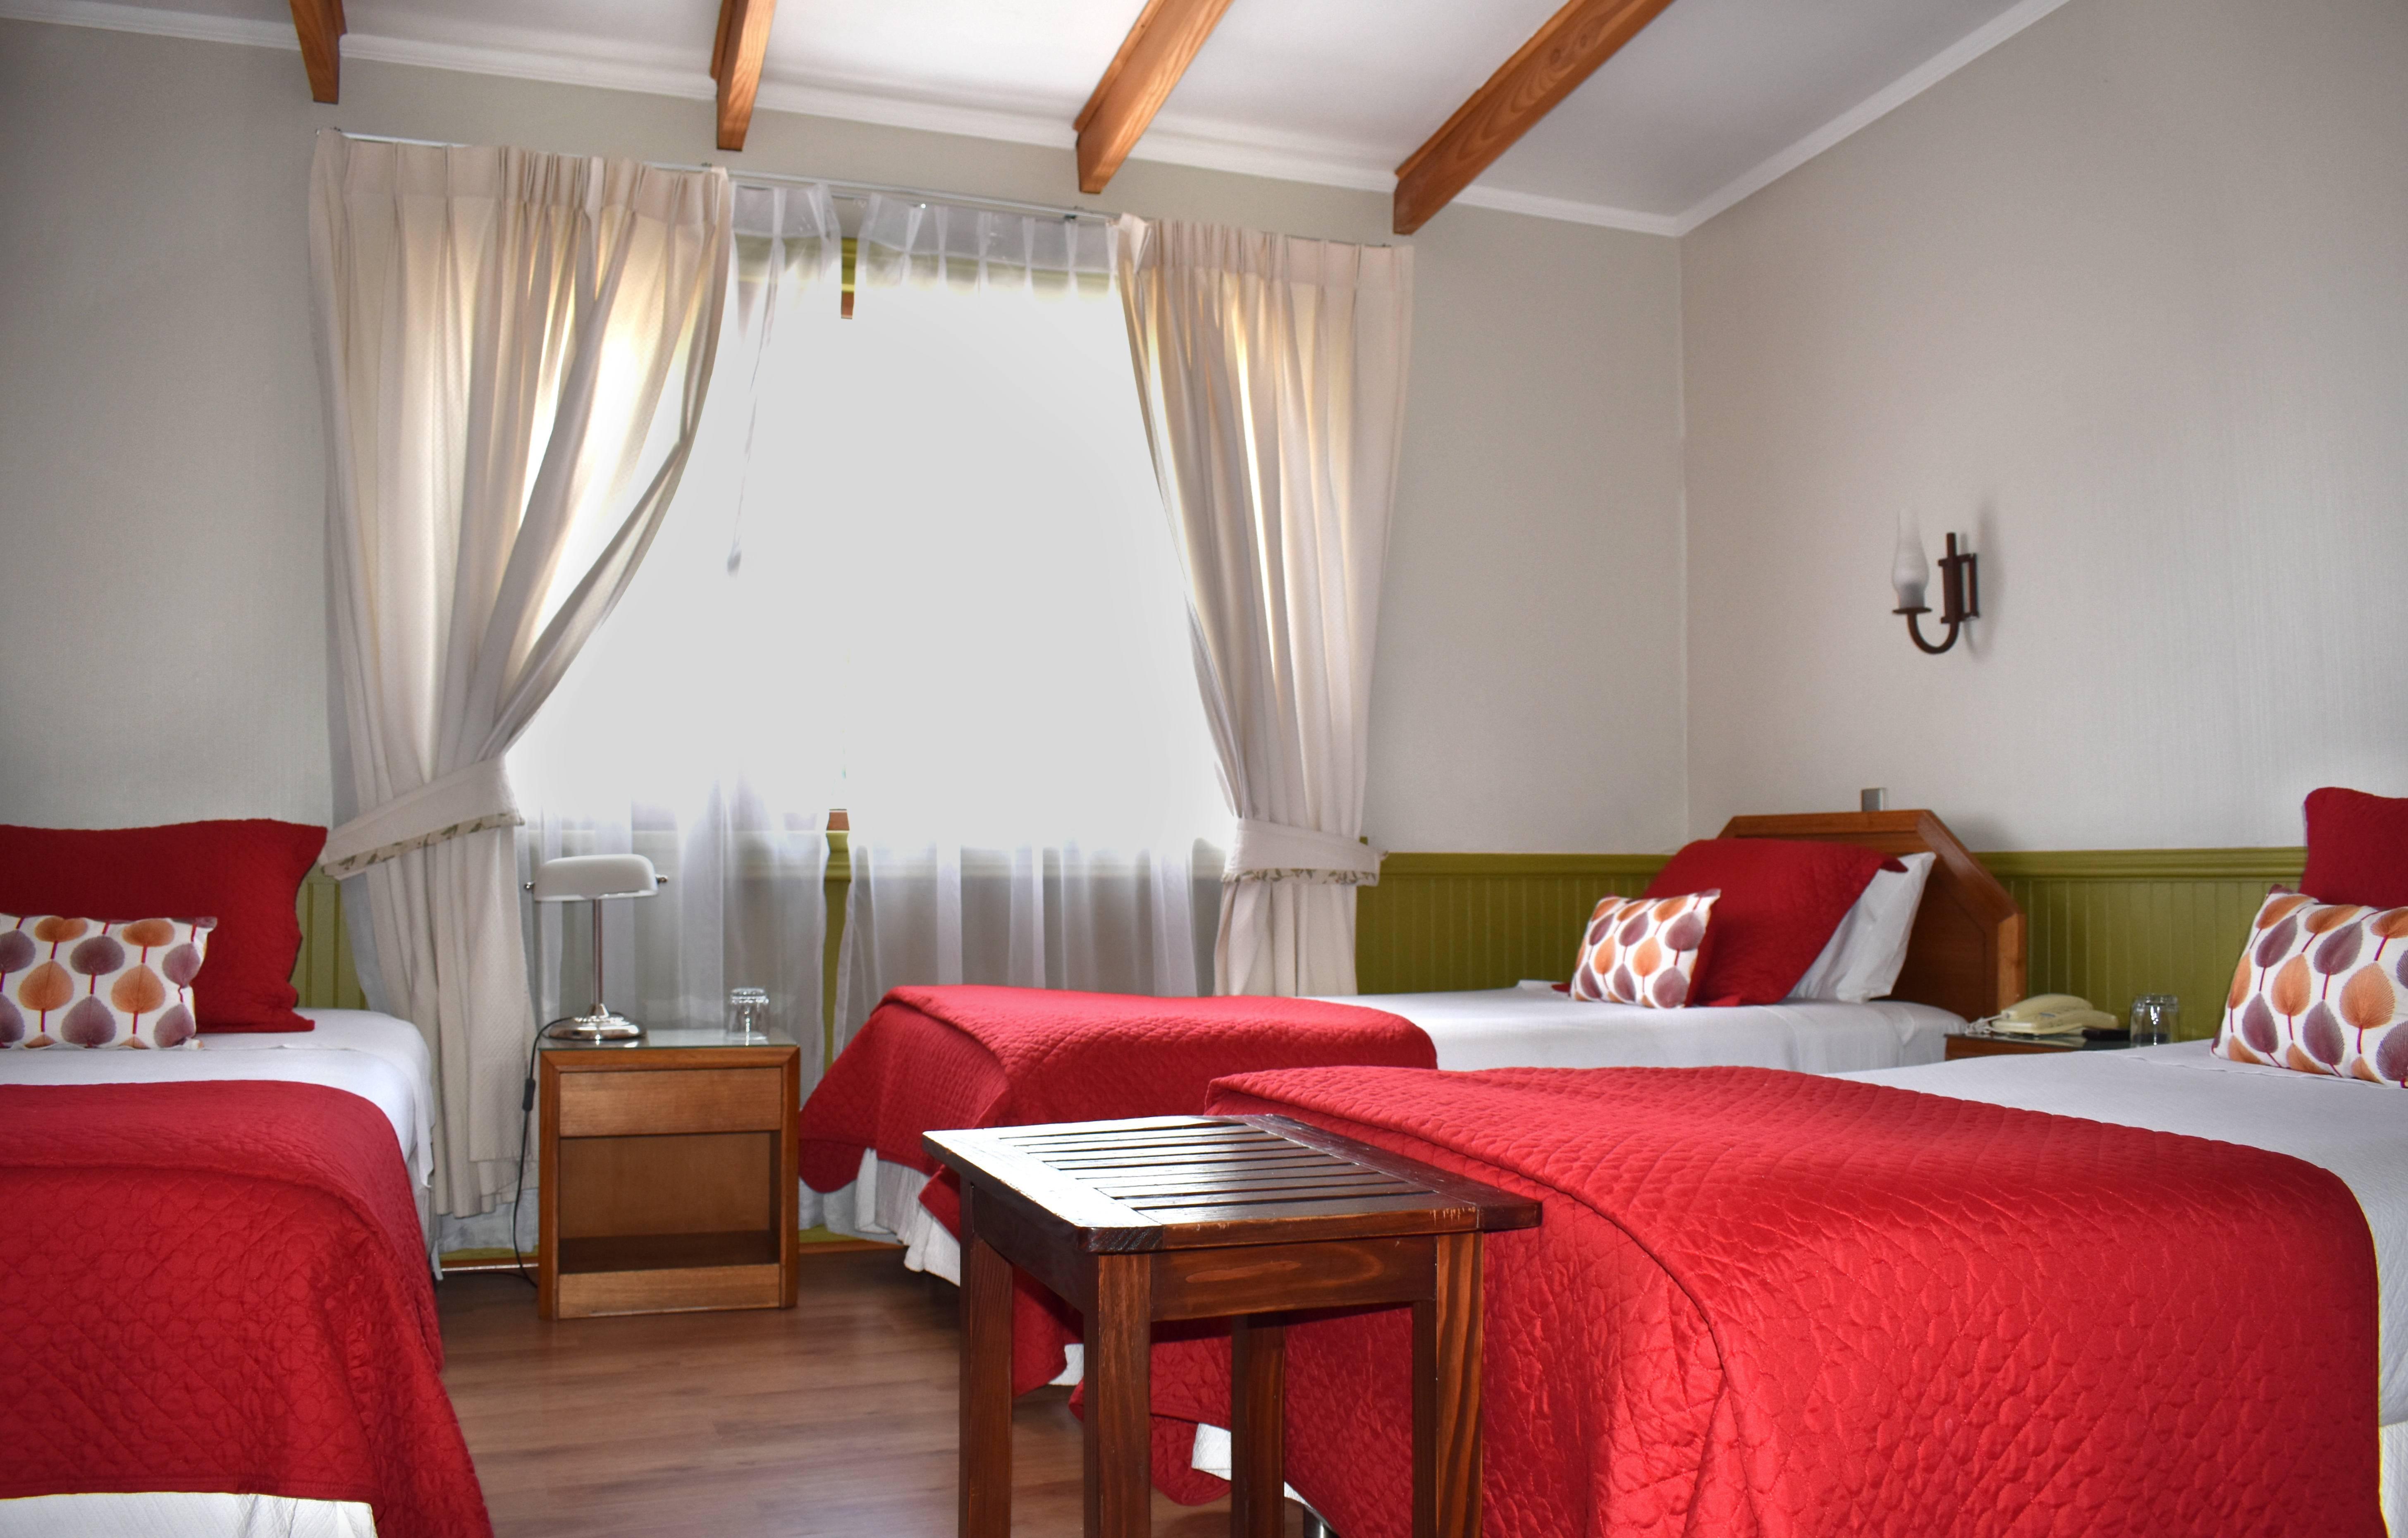 Hotel Di Torlaschi_Hotel Di Torlaschi